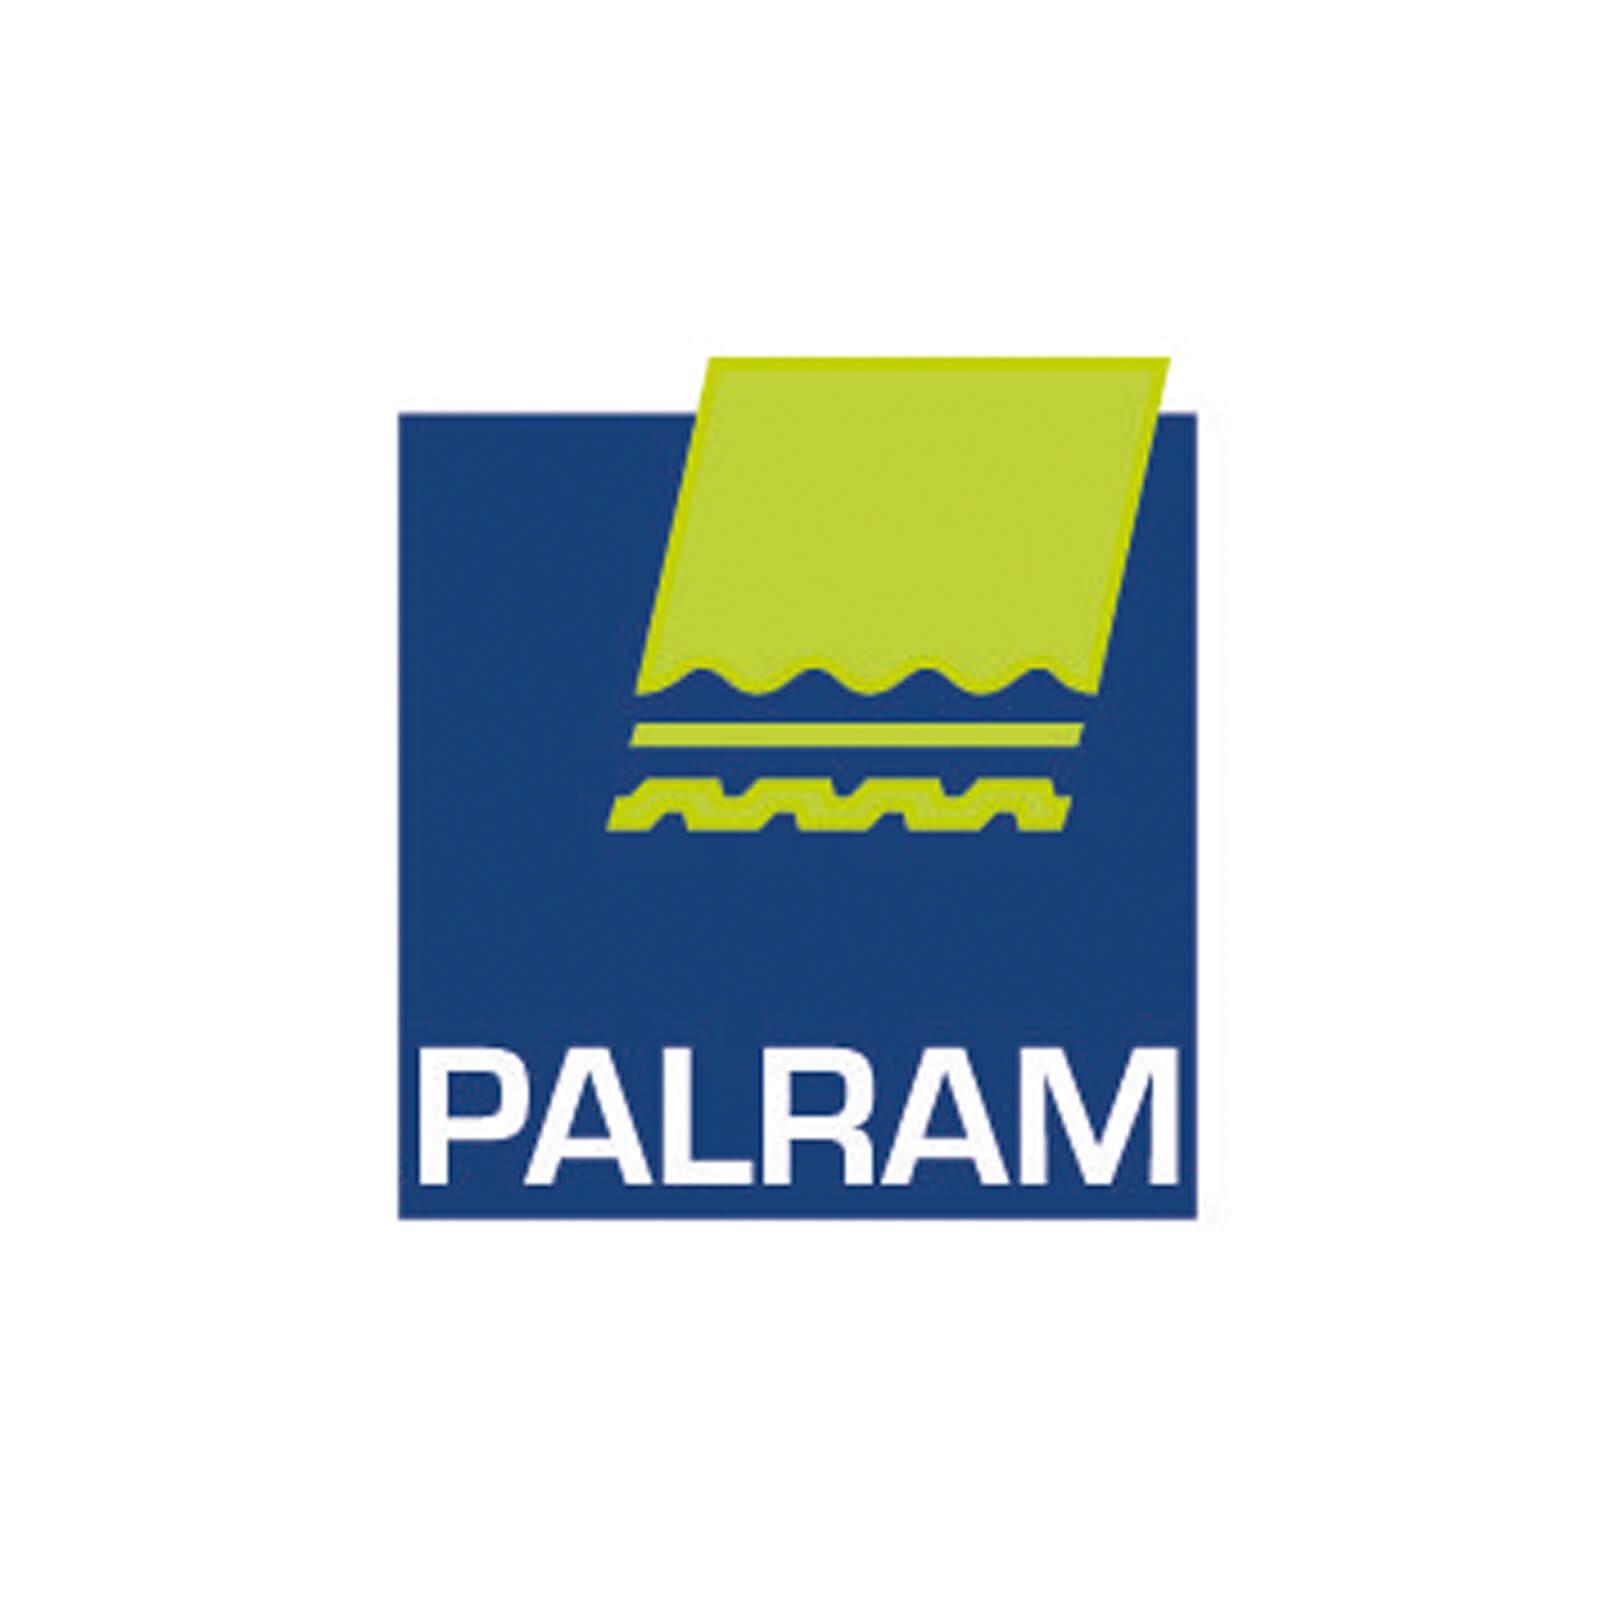 Tepro Palram Bewässerung Gewächshaus / Bewässerungssystem 8046